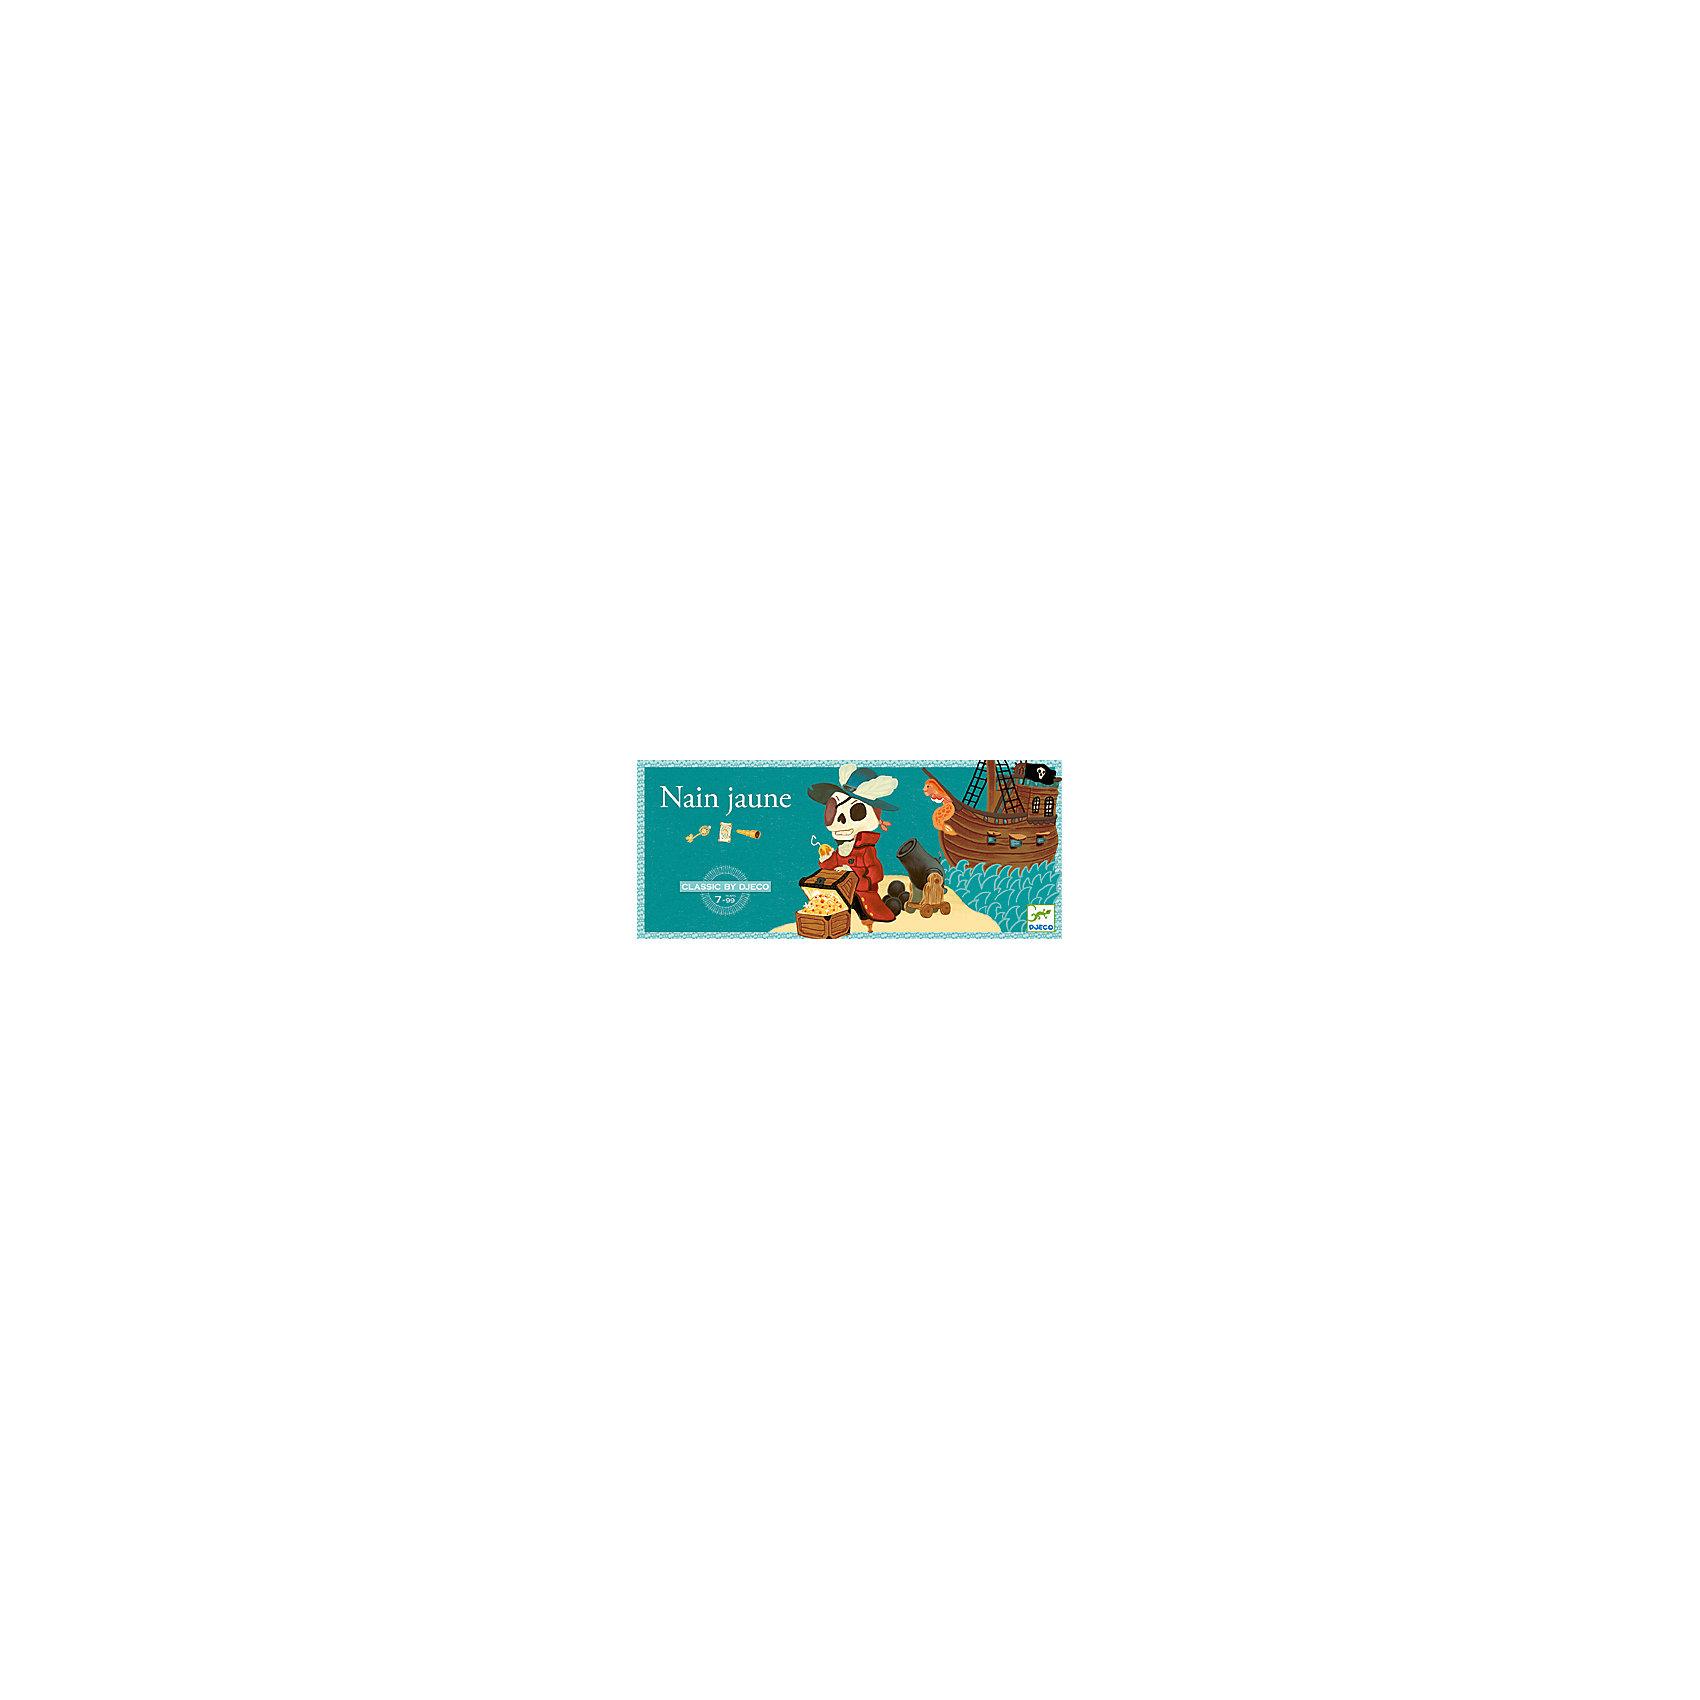 Игра Желтый карлик, DJECOДеревянные игры и пазлы<br>Игра Желтый карлик, Djeco (Джеко) - увлекательная настольная игра, которая придется пот душе всем любителям морских приключений и пиратской тематики. В игре могут участвовать от 2 до 4 игроков. Цель игры состоит в том, чтобы собрать как можно больше сокровищ. Перед началом игры, каждый игрок получает по 19 жетонов, которые обозначают различные драгоценности, а также определенное число карт. Остальные карты откладываются рубашкой вверх и используются в следующей партии. Игровая доска помещается по центру стола между игроками. В центре доски находится сундук капитана Крюка. Игроки делают ставки и по очереди выкладывают по старшинству карты в стопку. Если игрок не может продолжить начатую серию, ход переходит к следующему игроку, который должен продолжить эту же серию. Сбросивший все карты получает слиток золота за каждую карту, которая остается на руках у остальных участников. Побеждает тот, кто соберет за игру больше всех сокровищ.<br><br>Дополнительная информация:<br><br>- В комплекте: 1 игровая доска с 5 картами выигрыша, 1 сундук капитана Крюка, 52 карты (в том числе 5 выигрышных), 78 жетонов (12 алмазов, 12 рубинов, 12 сапфиров, 12 изумрудов, 30 слитков золота), подробные правила игры.<br>- Материал: картон, дерево.<br>- Размер упаковки: 42 x 16 x 3,5 см.<br><br>Игру Желтый карлик, Djeco (Джеко), можно купить в нашем магазине.<br><br>Ширина мм: 40<br>Глубина мм: 420<br>Высота мм: 160<br>Вес г: 850<br>Возраст от месяцев: 84<br>Возраст до месяцев: 120<br>Пол: Унисекс<br>Возраст: Детский<br>SKU: 4566287